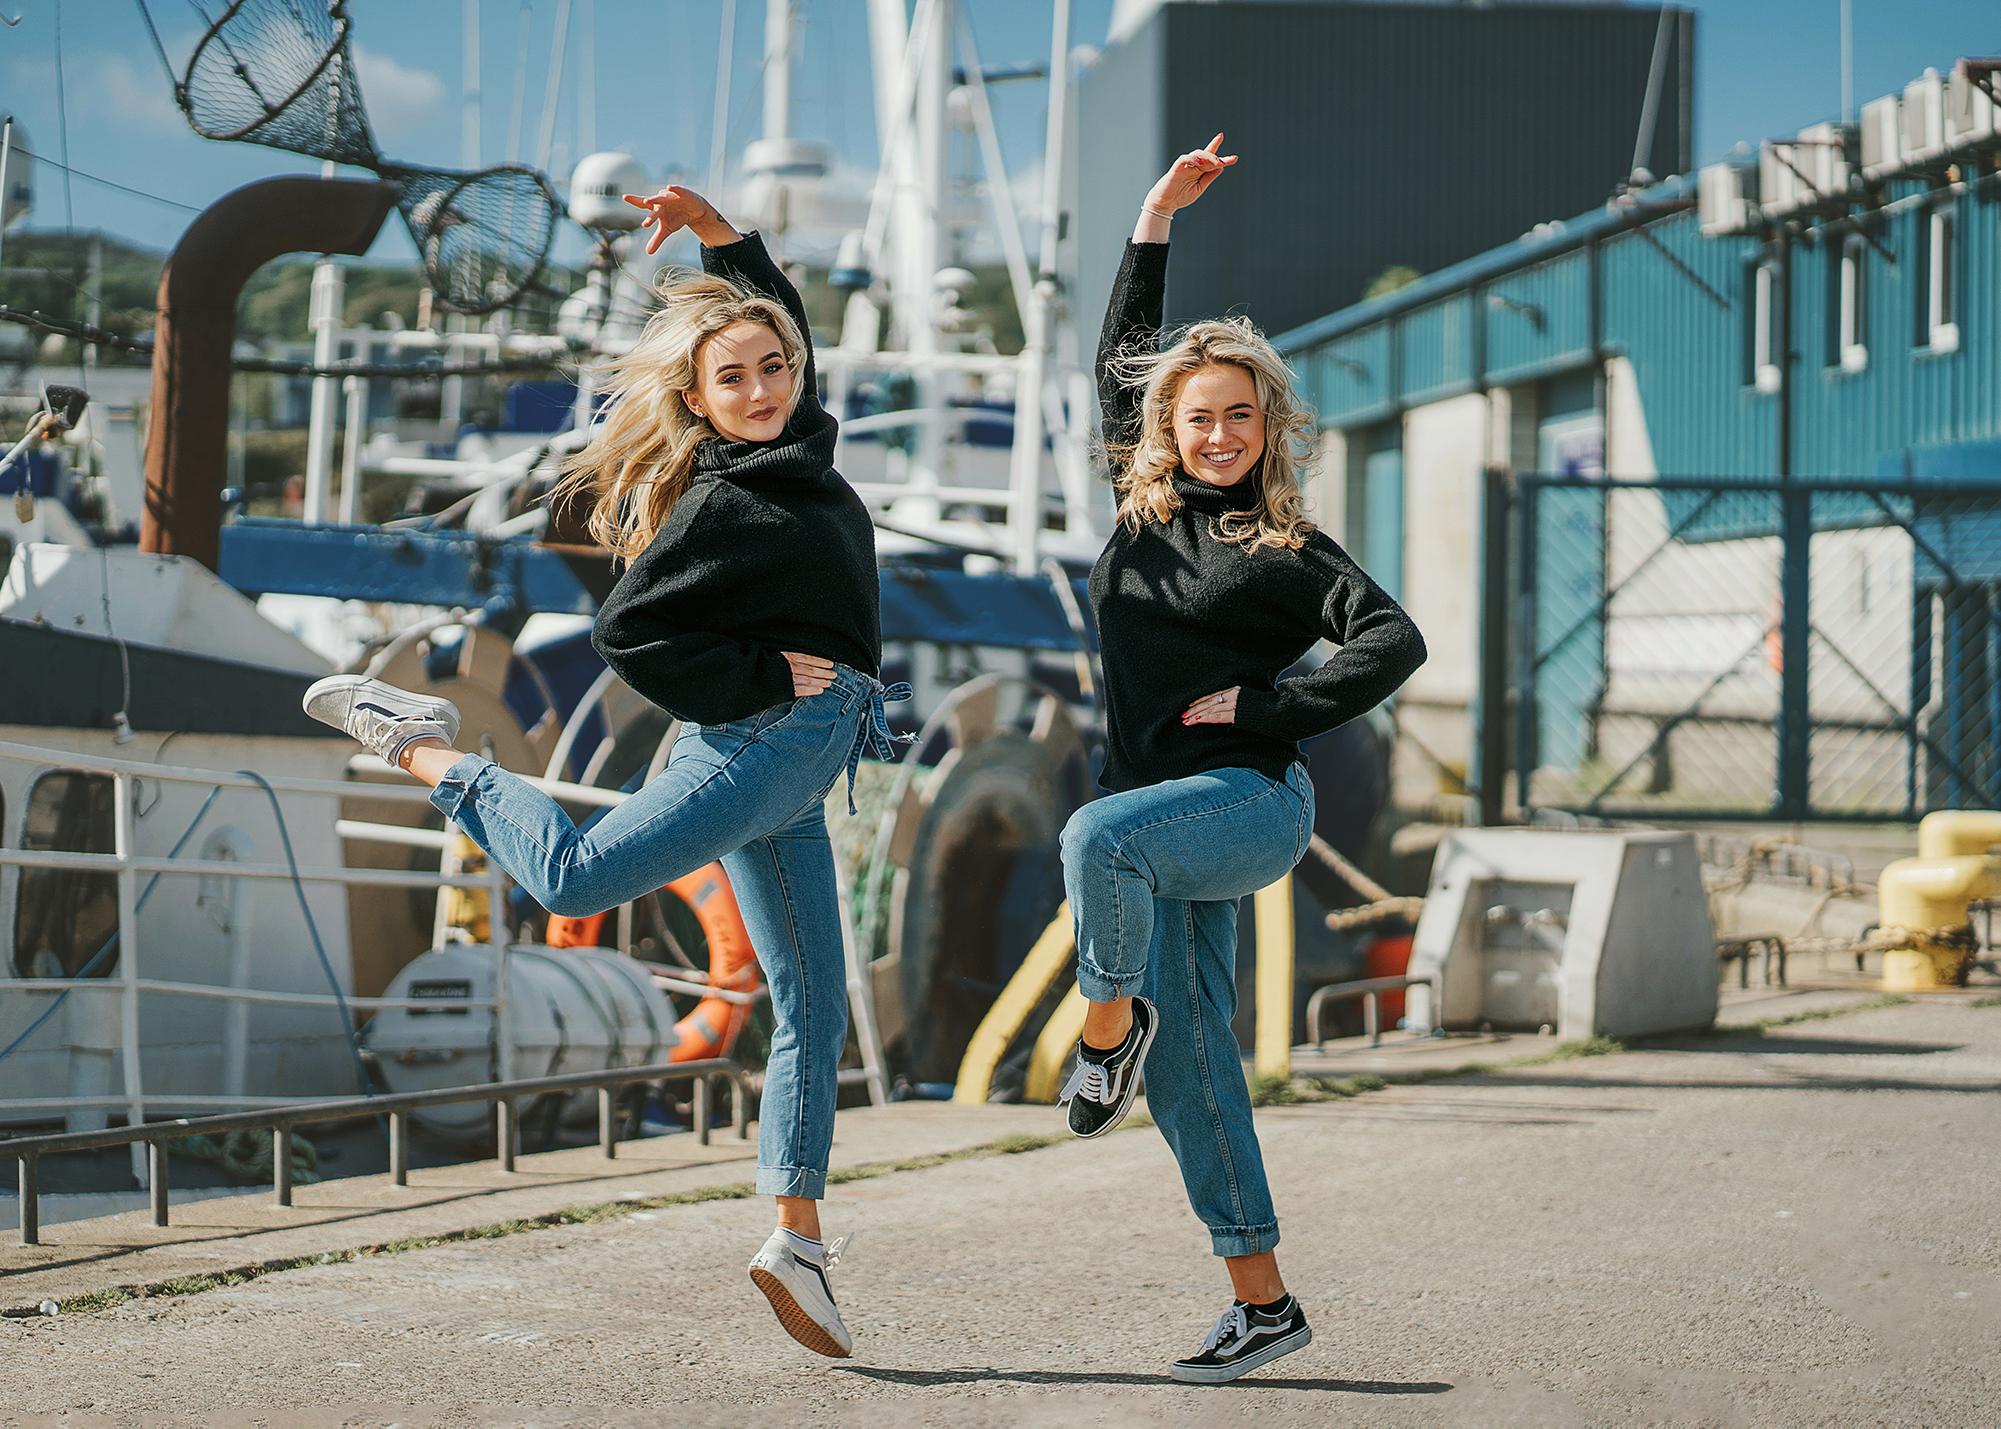 irish-dance-portrait-photographer-dublin-ireland-0066.jpg